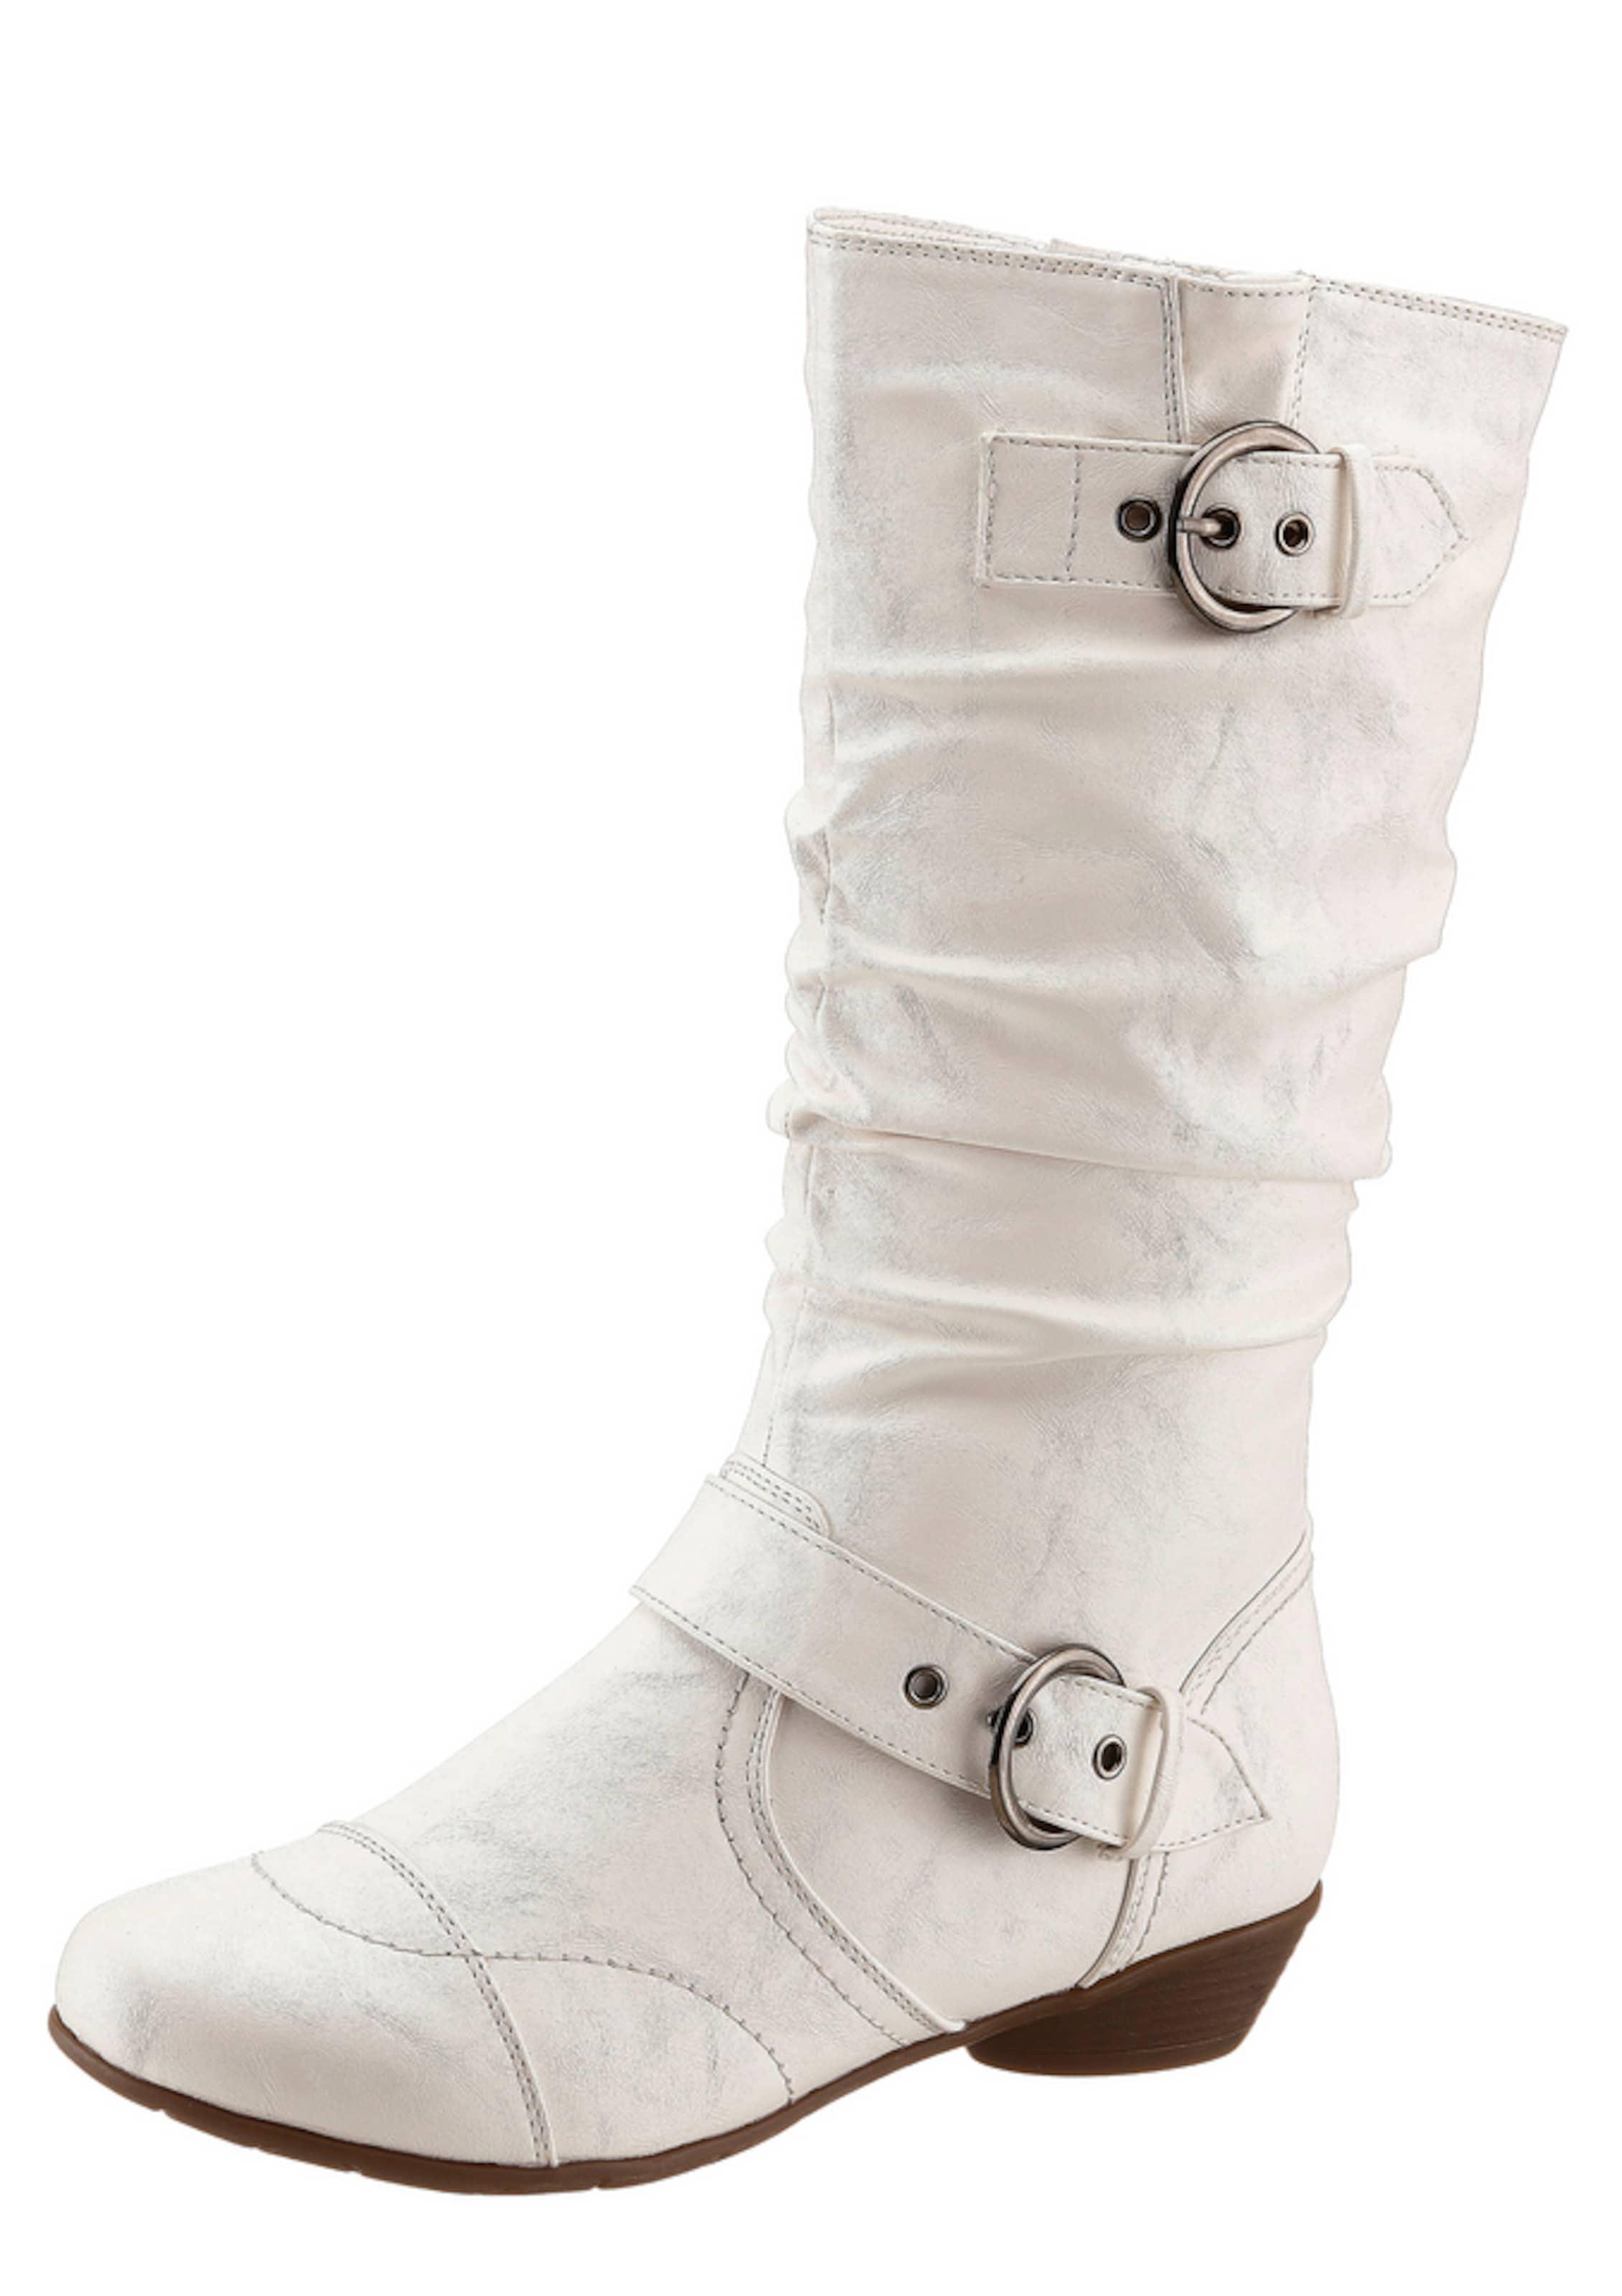 CITY WALK Stiefel Verschleißfeste billige Schuhe